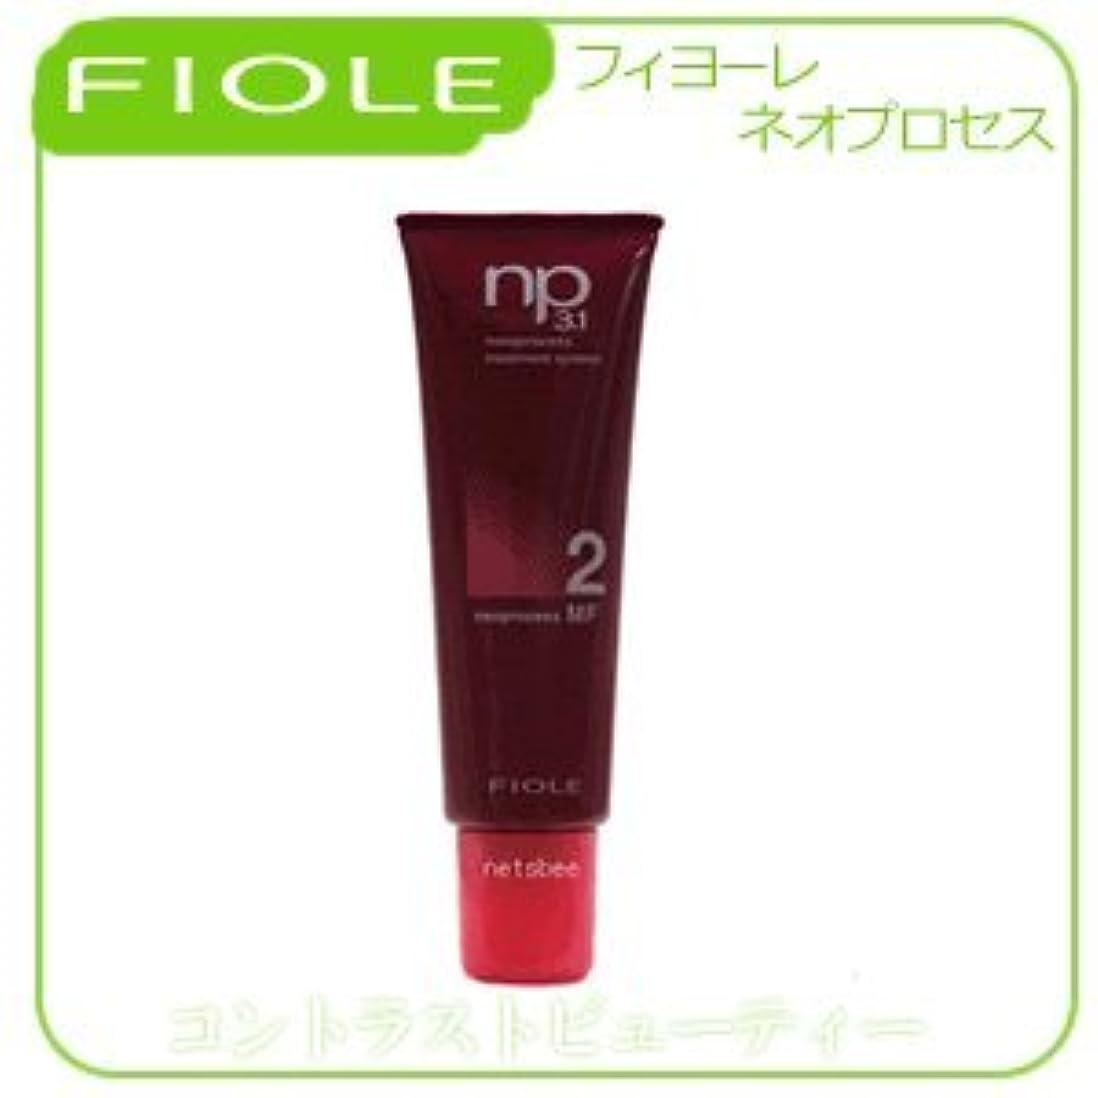 弾力性のあるパウダーしっとりフィヨーレ NP3.1 ネオプロセス MF2 130g FIOLE ネオプロセス